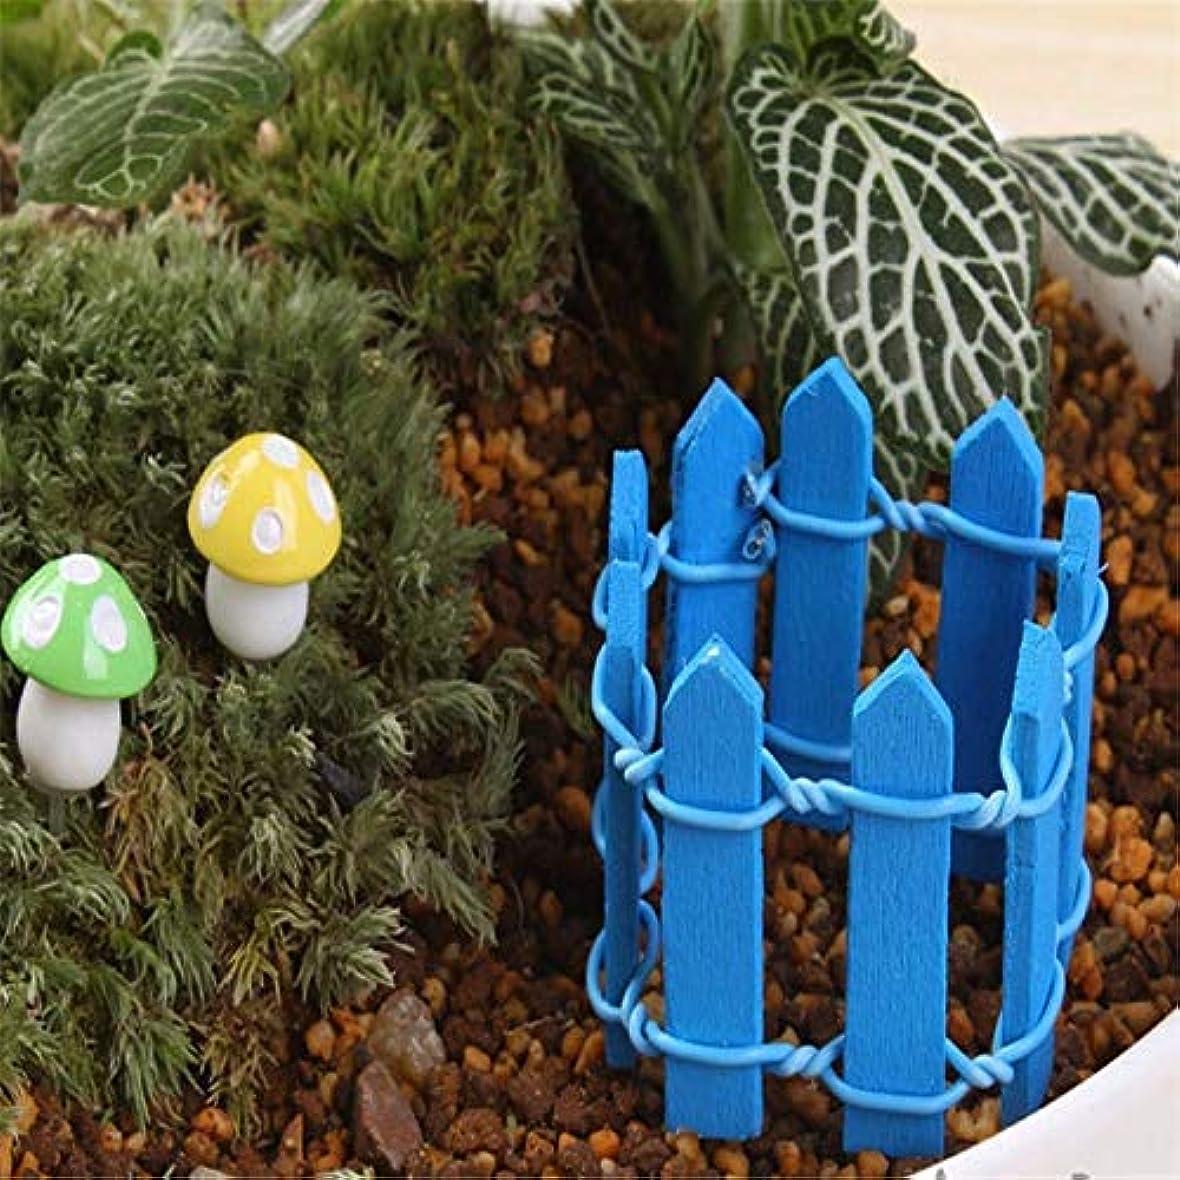 減少違法デイジーJicorzo - 20個DIY木製の小さなフェンスモステラリウム植木鉢工芸ミニおもちゃフェアリーガーデンミニチュア[ディープブルー]